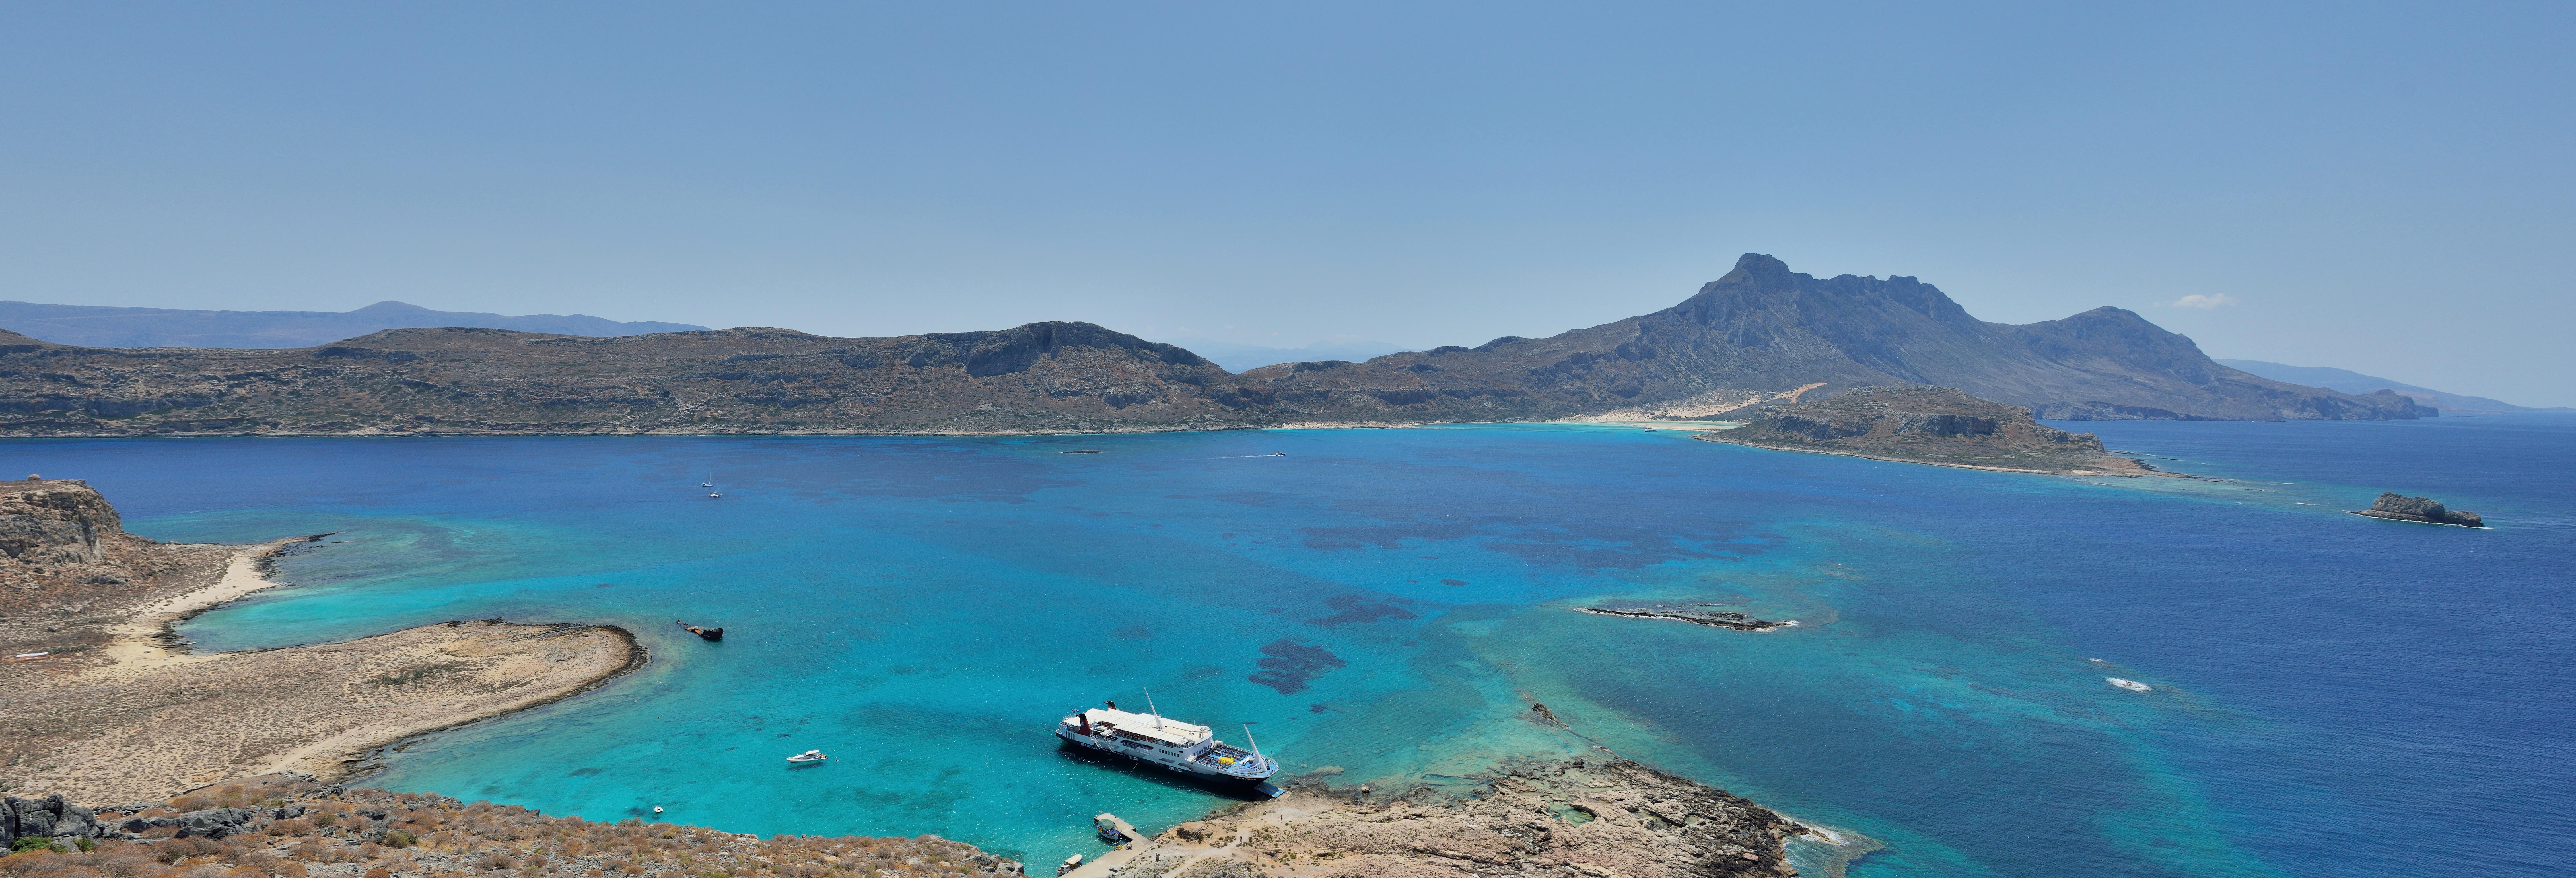 græske øer liste